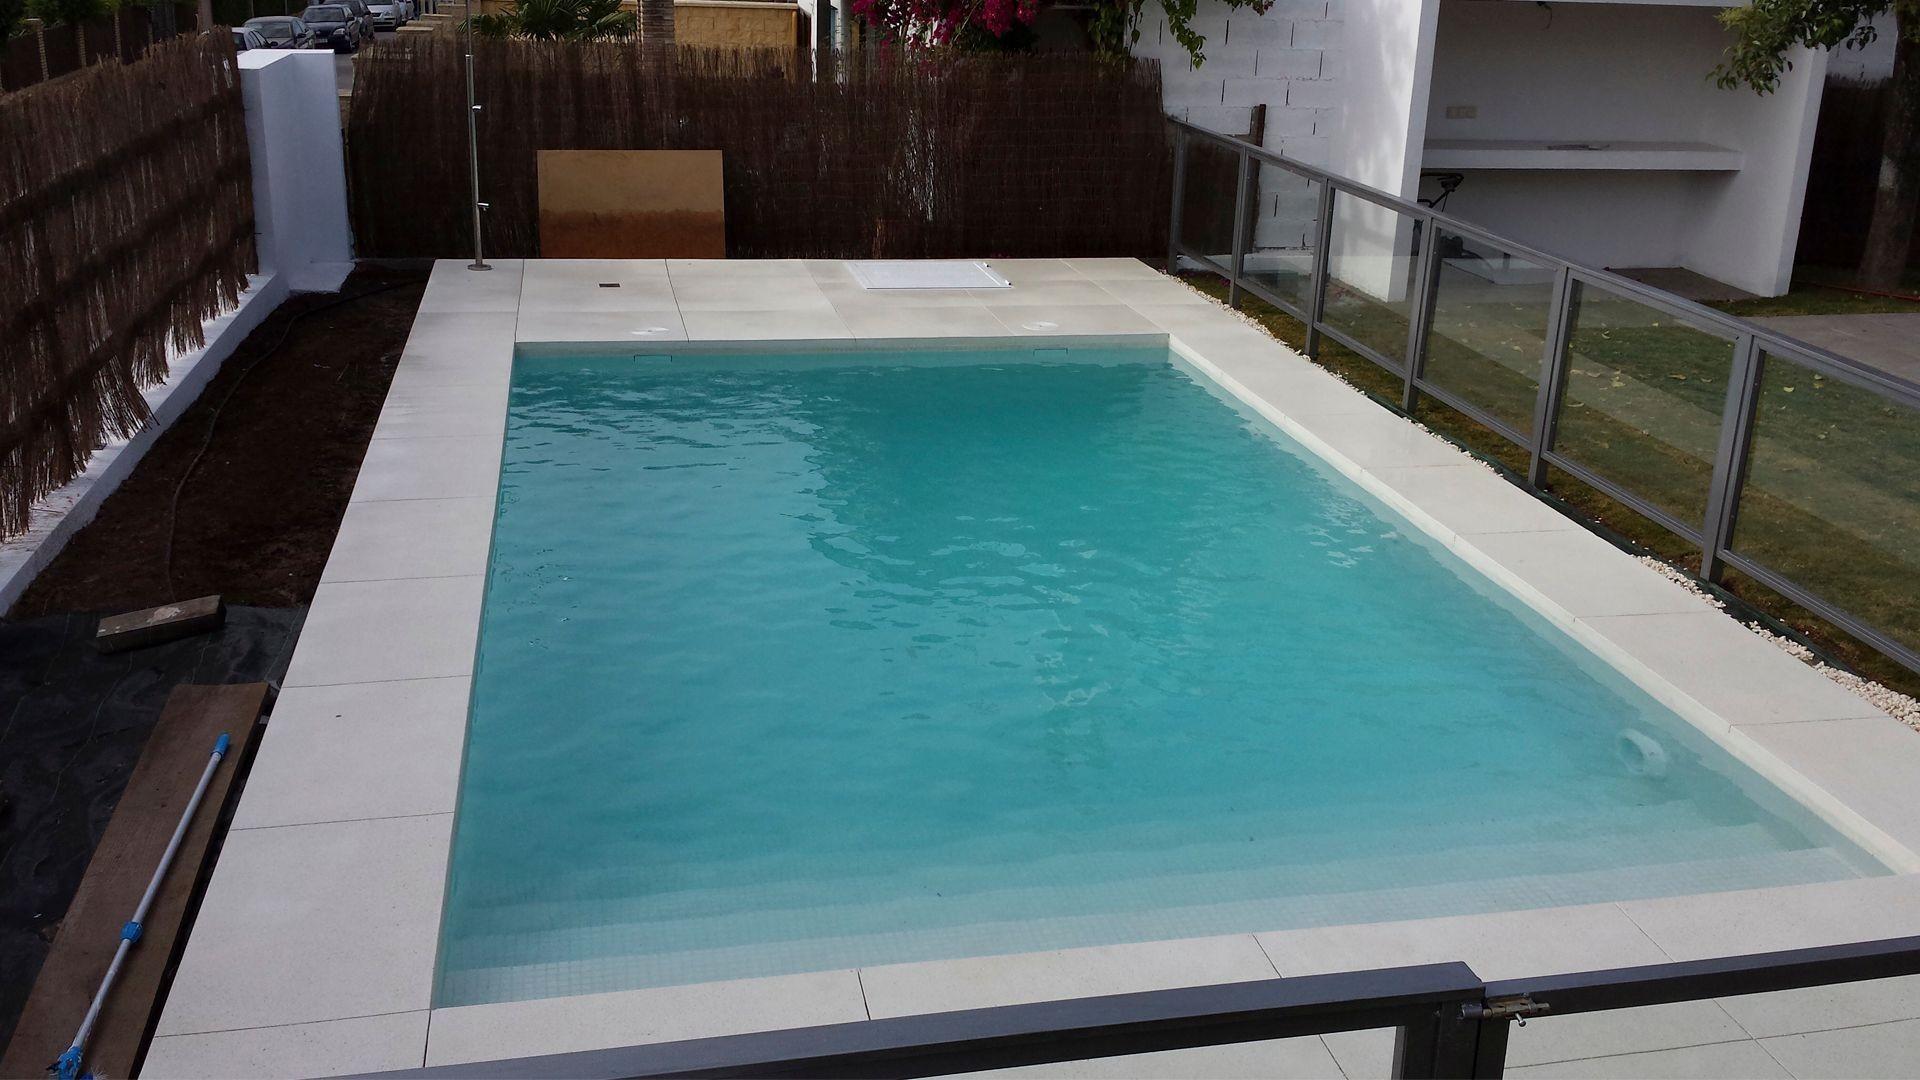 construcci n de piscinas en sevilla piscinas kaelia On construccion de piscinas en sevilla